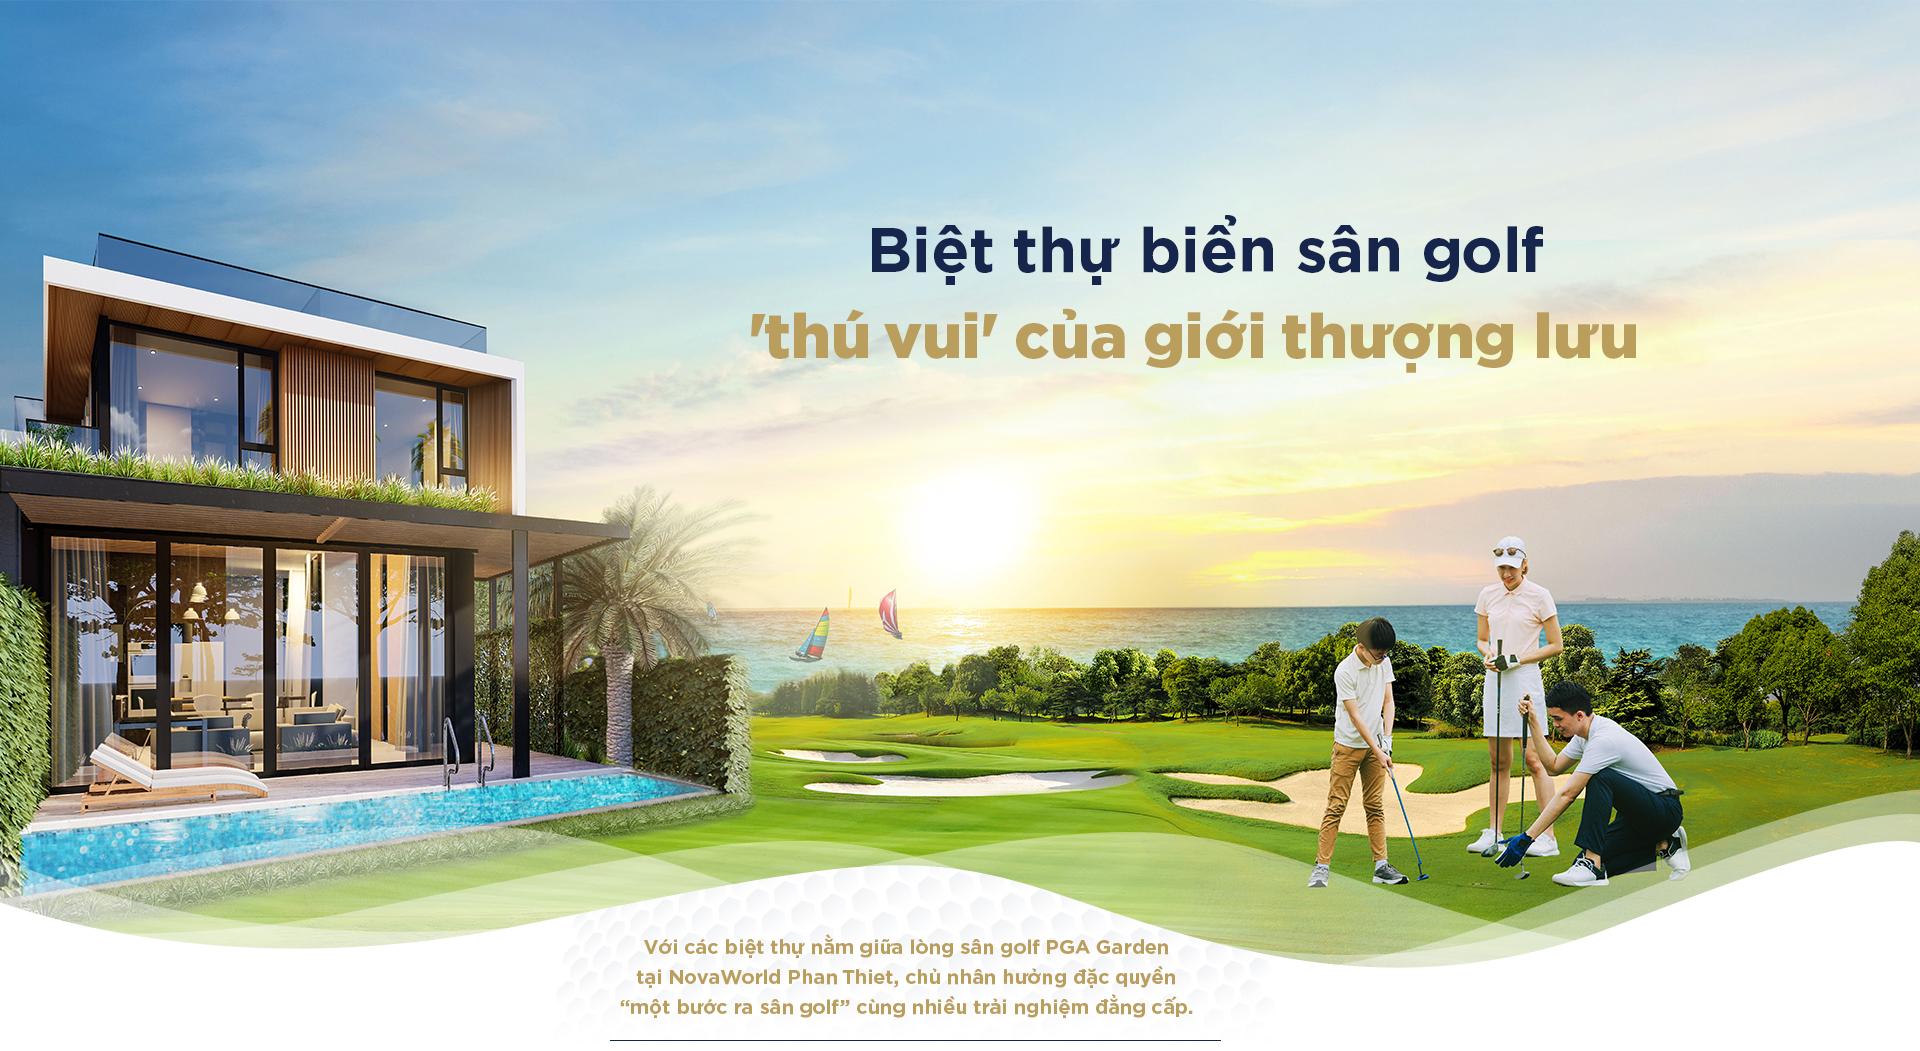 Biệt thự biển sân golf 2020 13